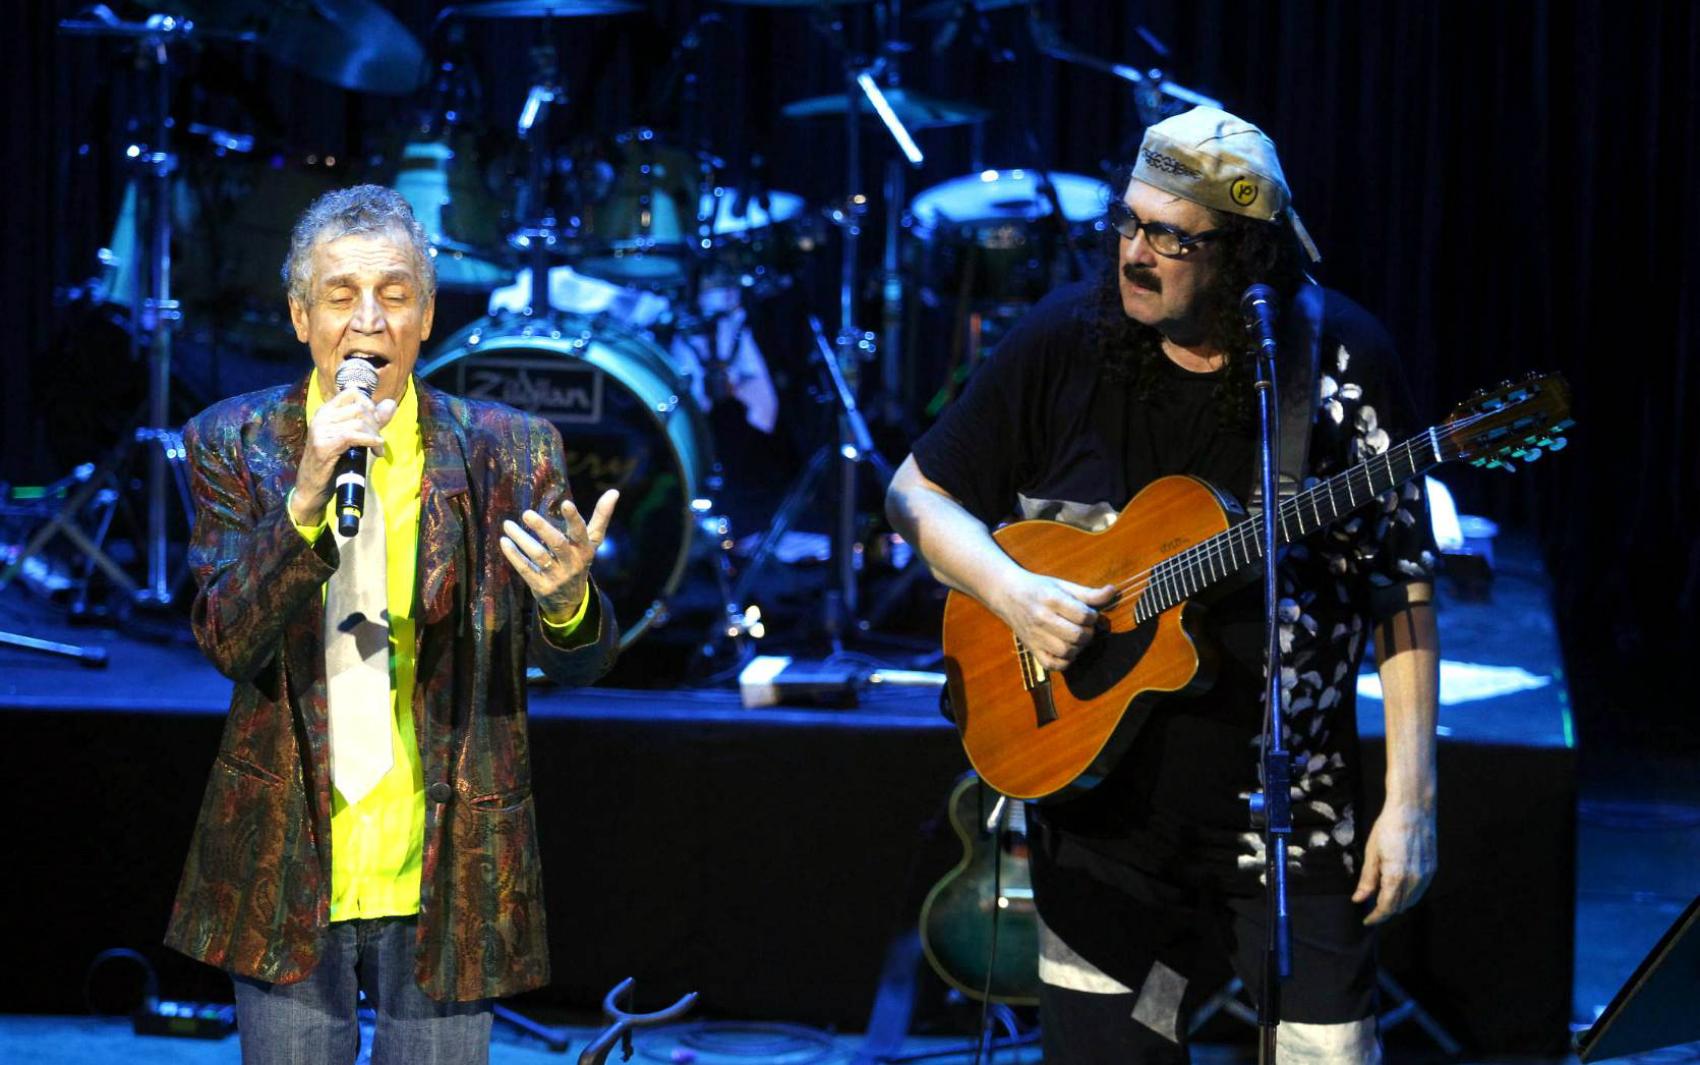 Luiz Galvão declamou a poesia 'Amar-te', depois cantada por Moraes